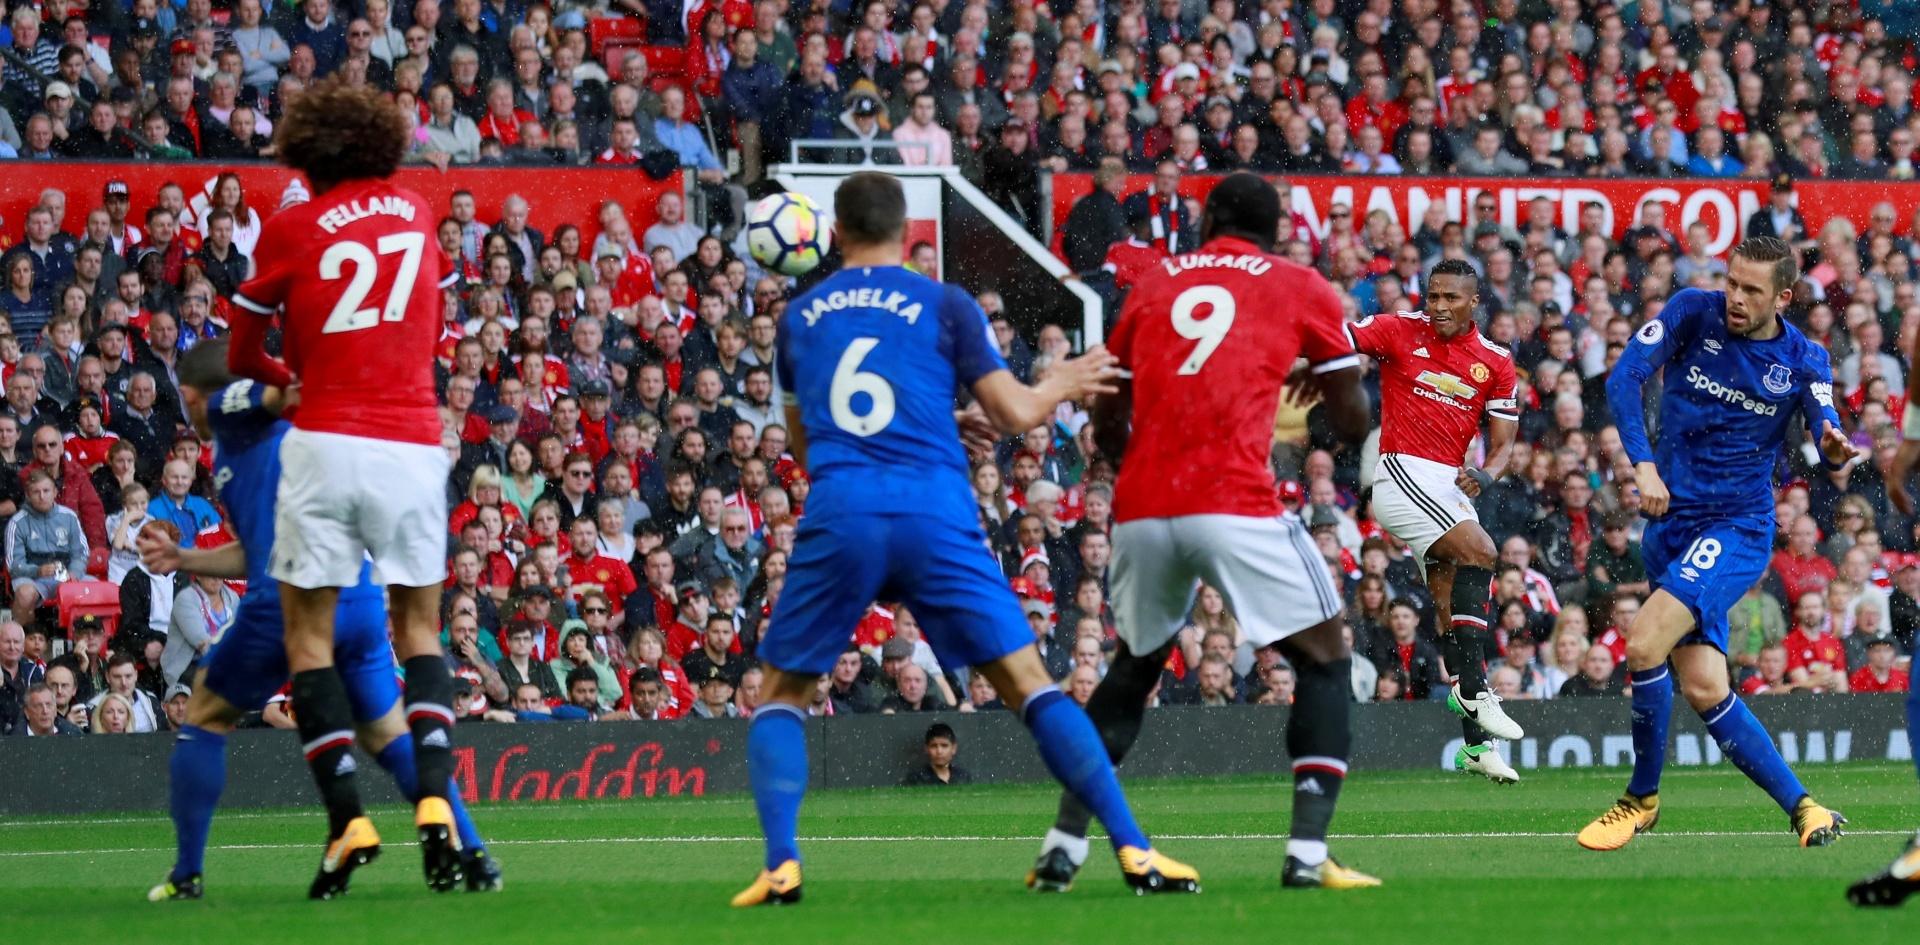 Valencia acerta um belo chute para abrir o placar para o Manchester United